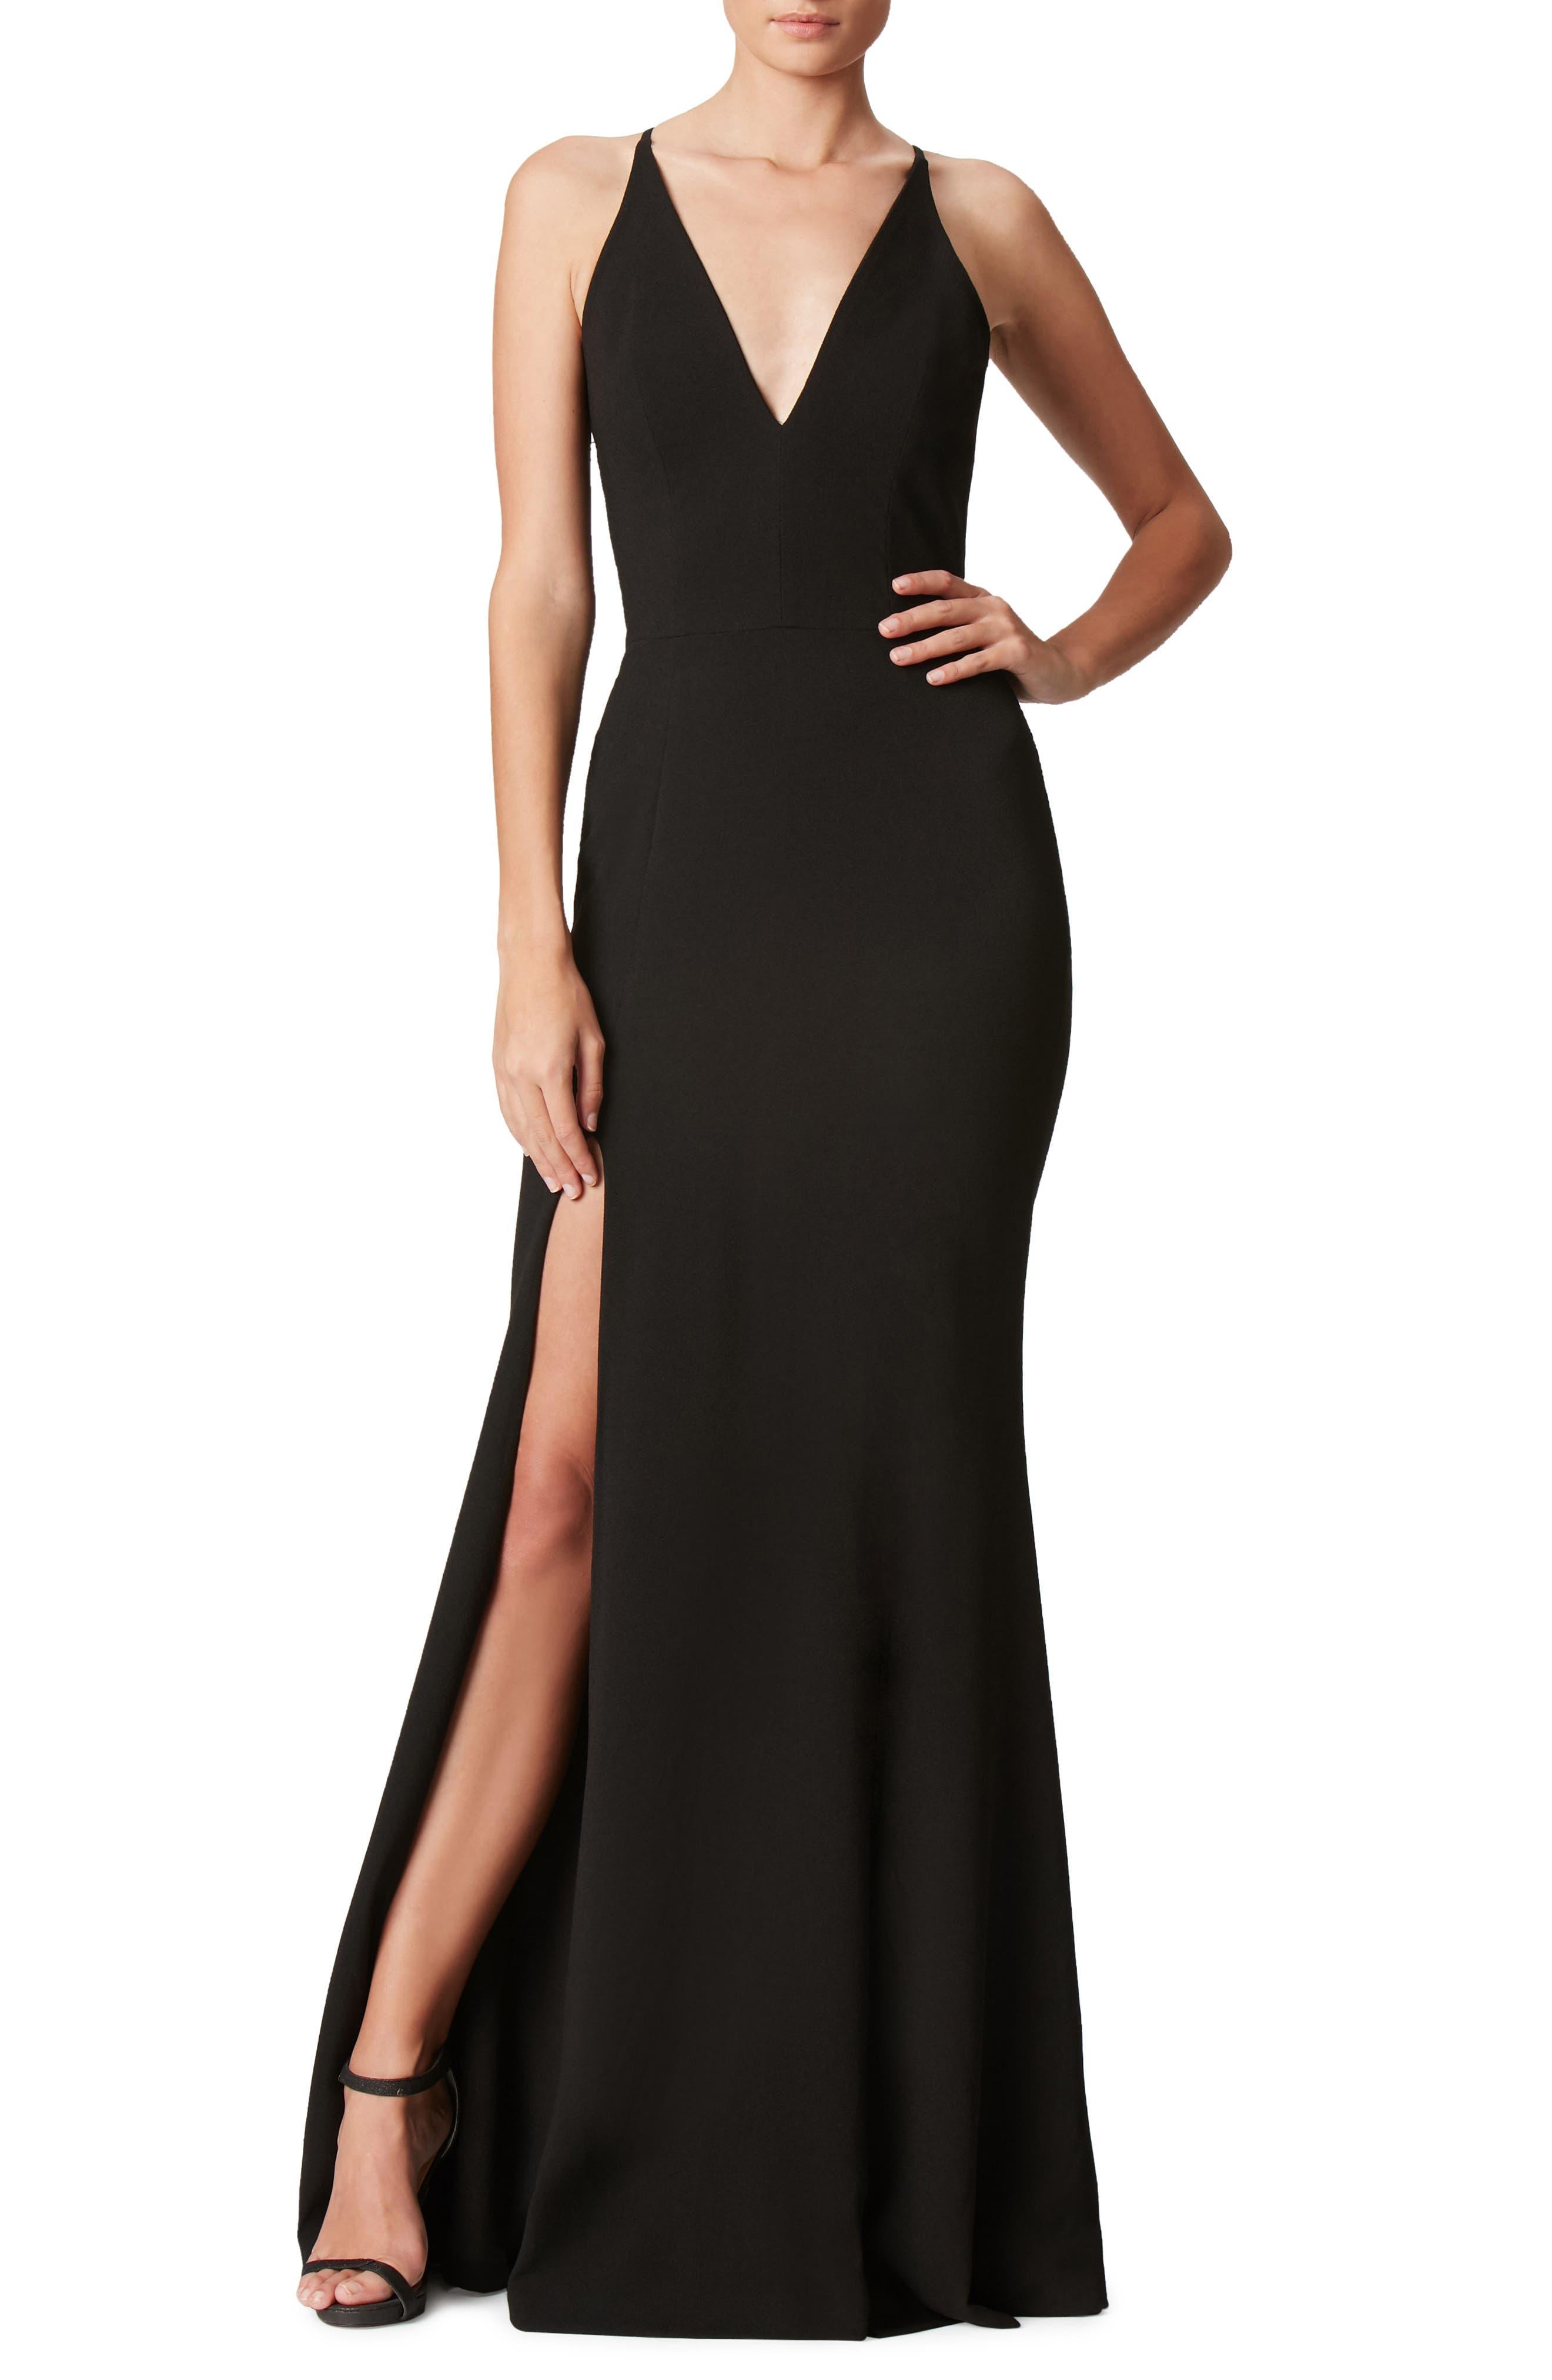 DRESS THE POPULATION, Iris Slit Crepe Gown, Main thumbnail 1, color, BLACK